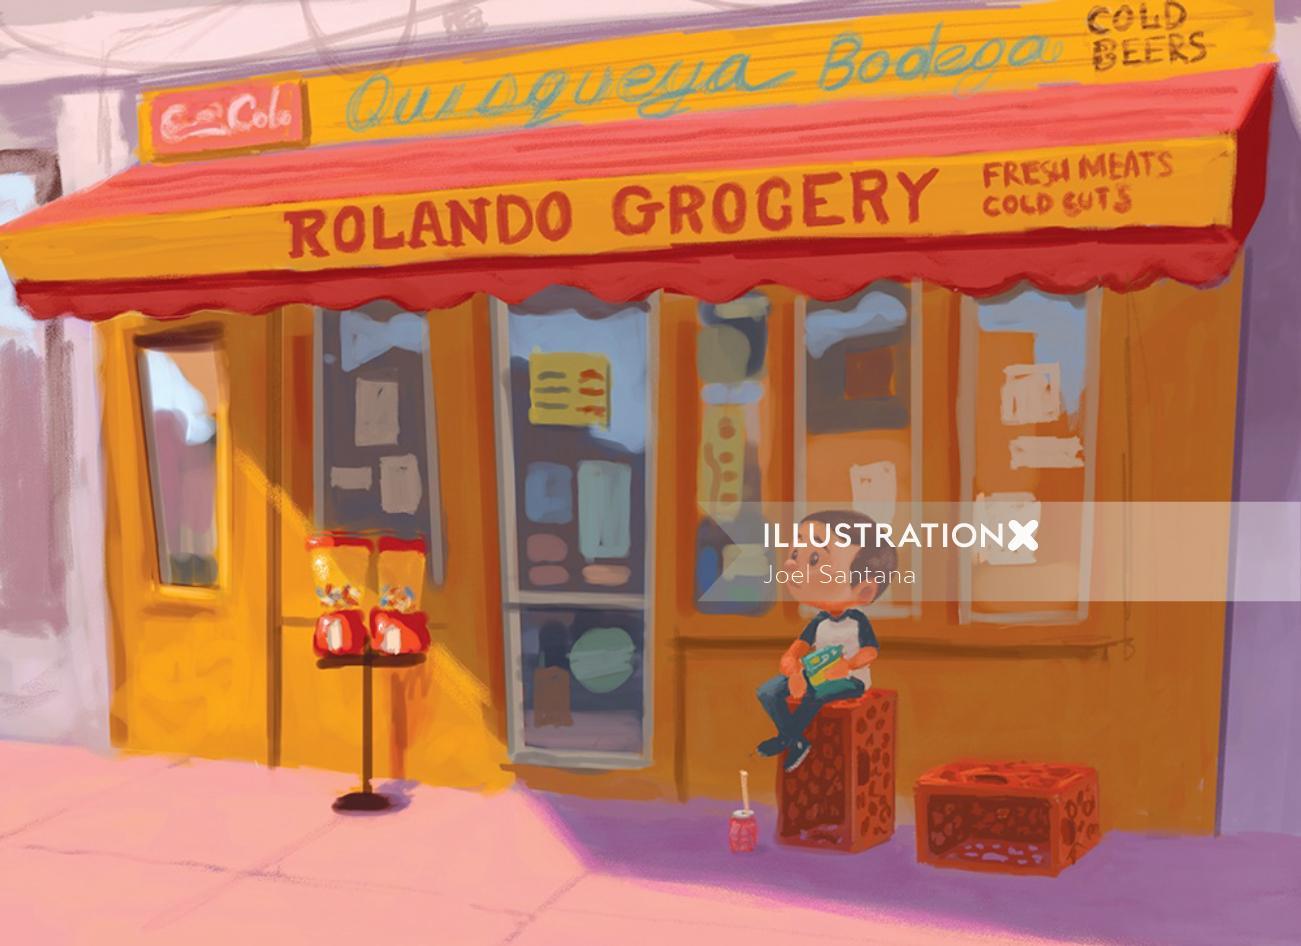 Rolando grocery graphic design